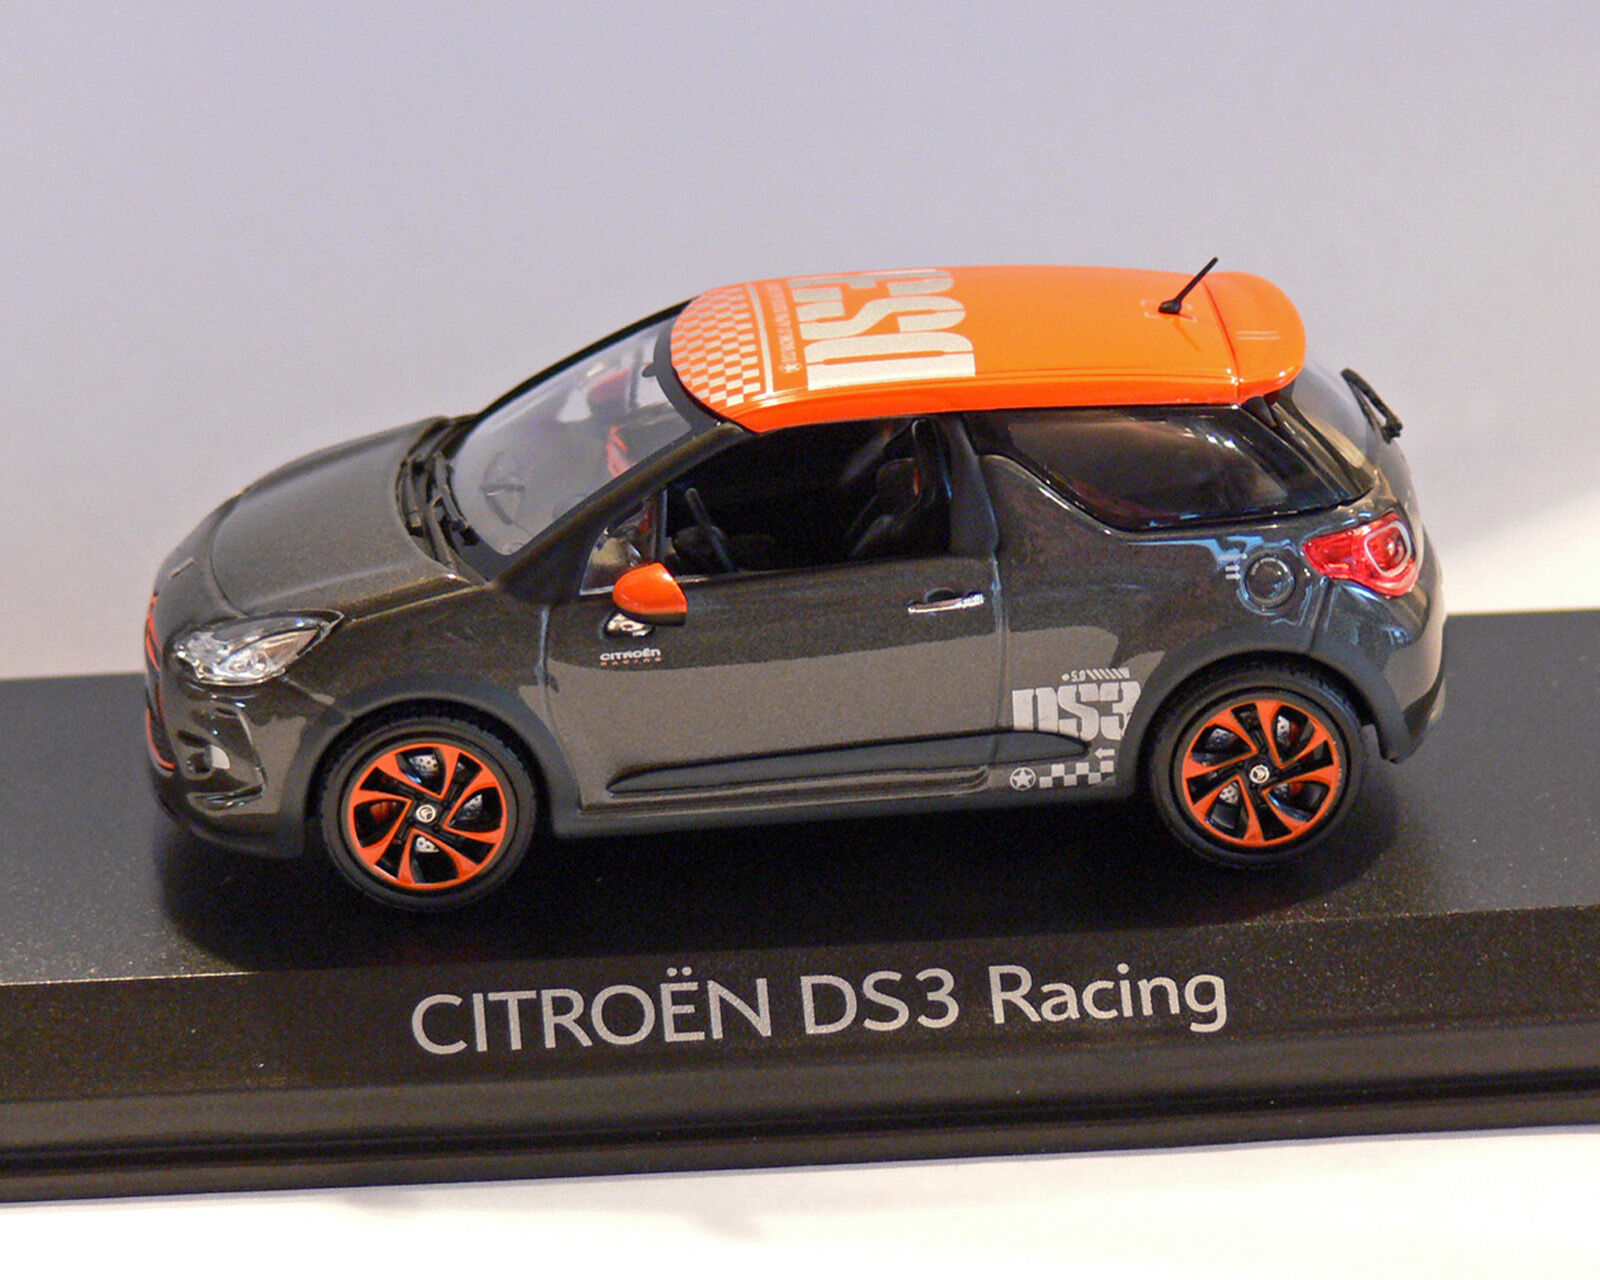 Citroen Ds 3, Racing, Grey orange, 2010, Norev 1 43